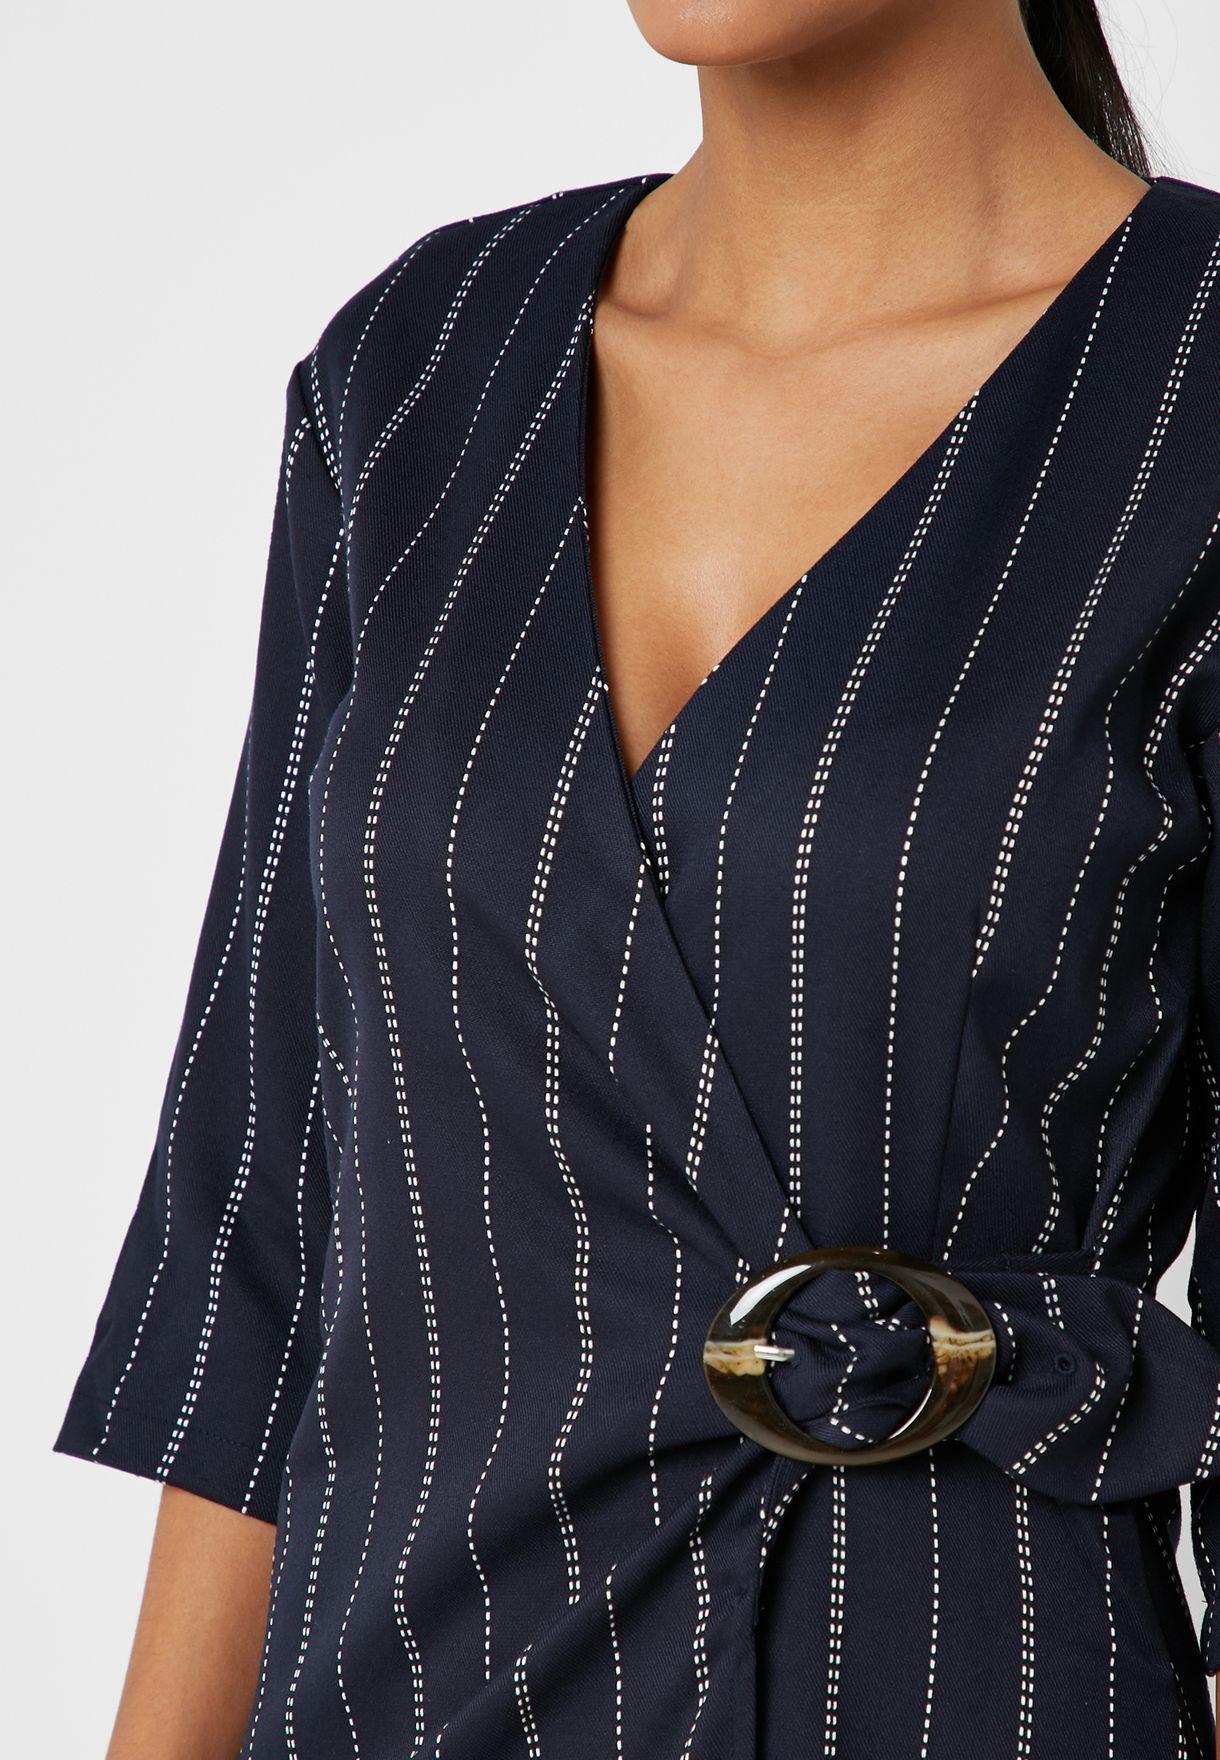 Mango Striped Wrap Dress - Fashion